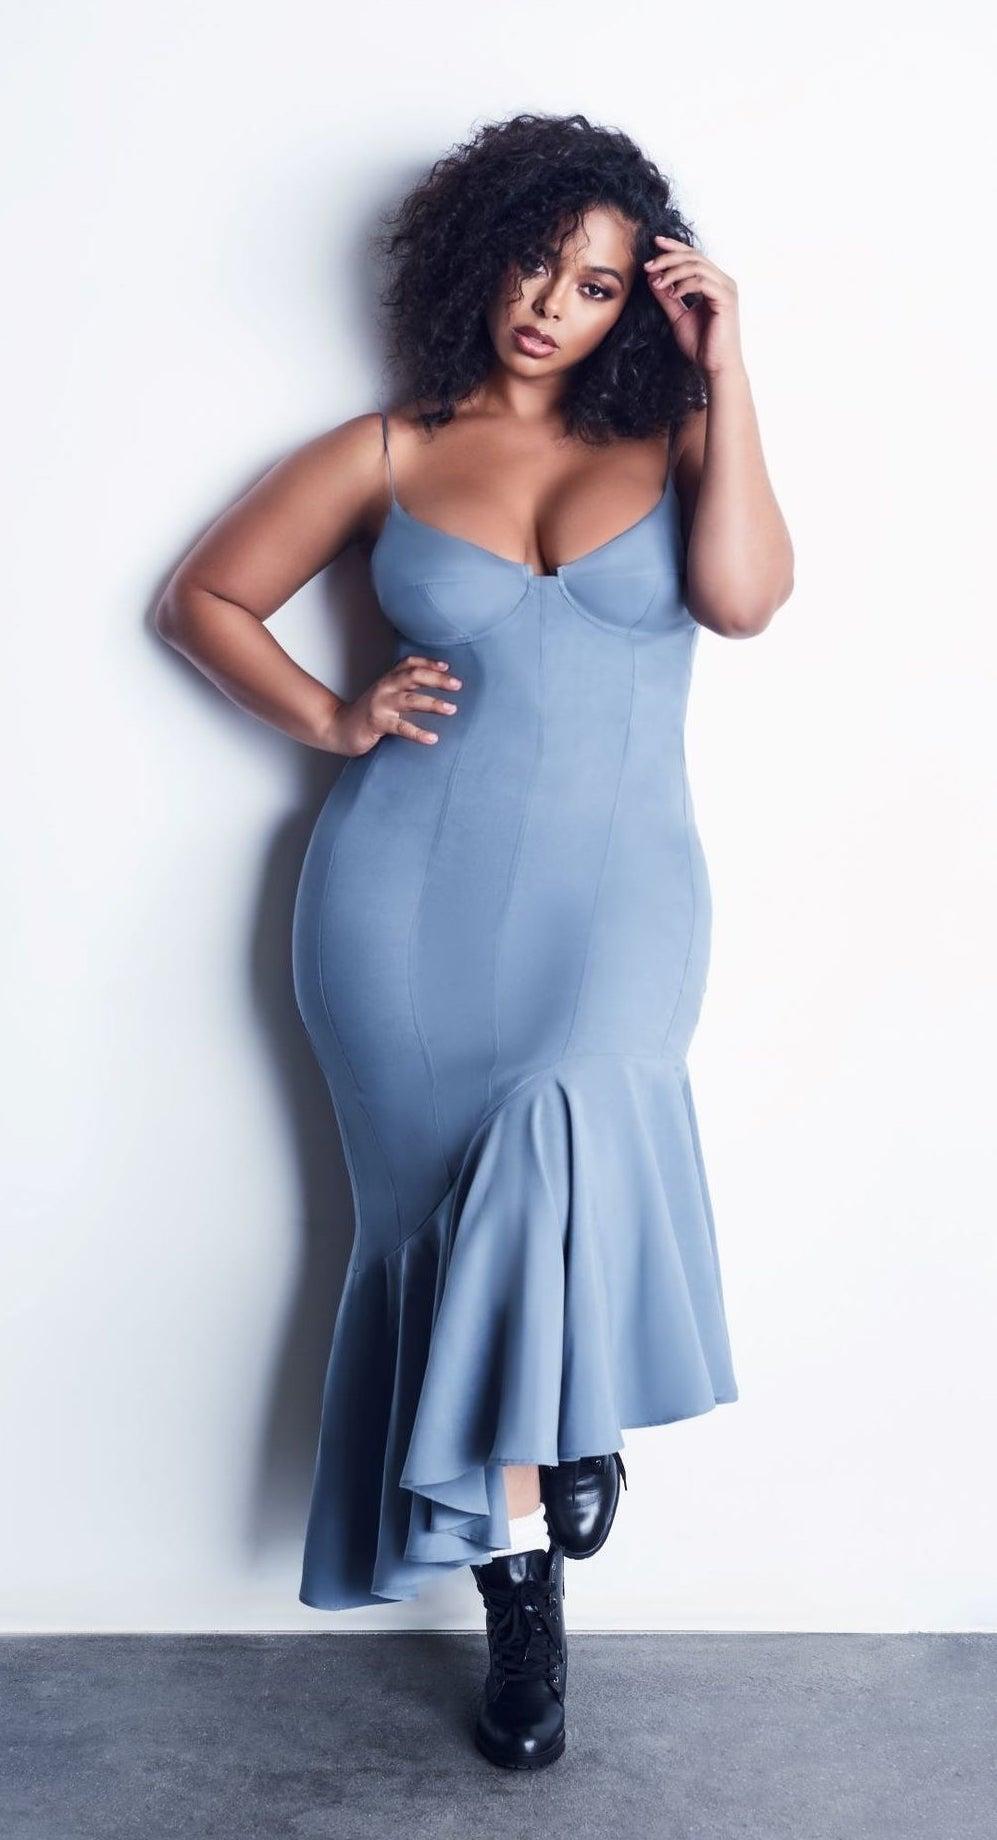 model wearing the blue dress